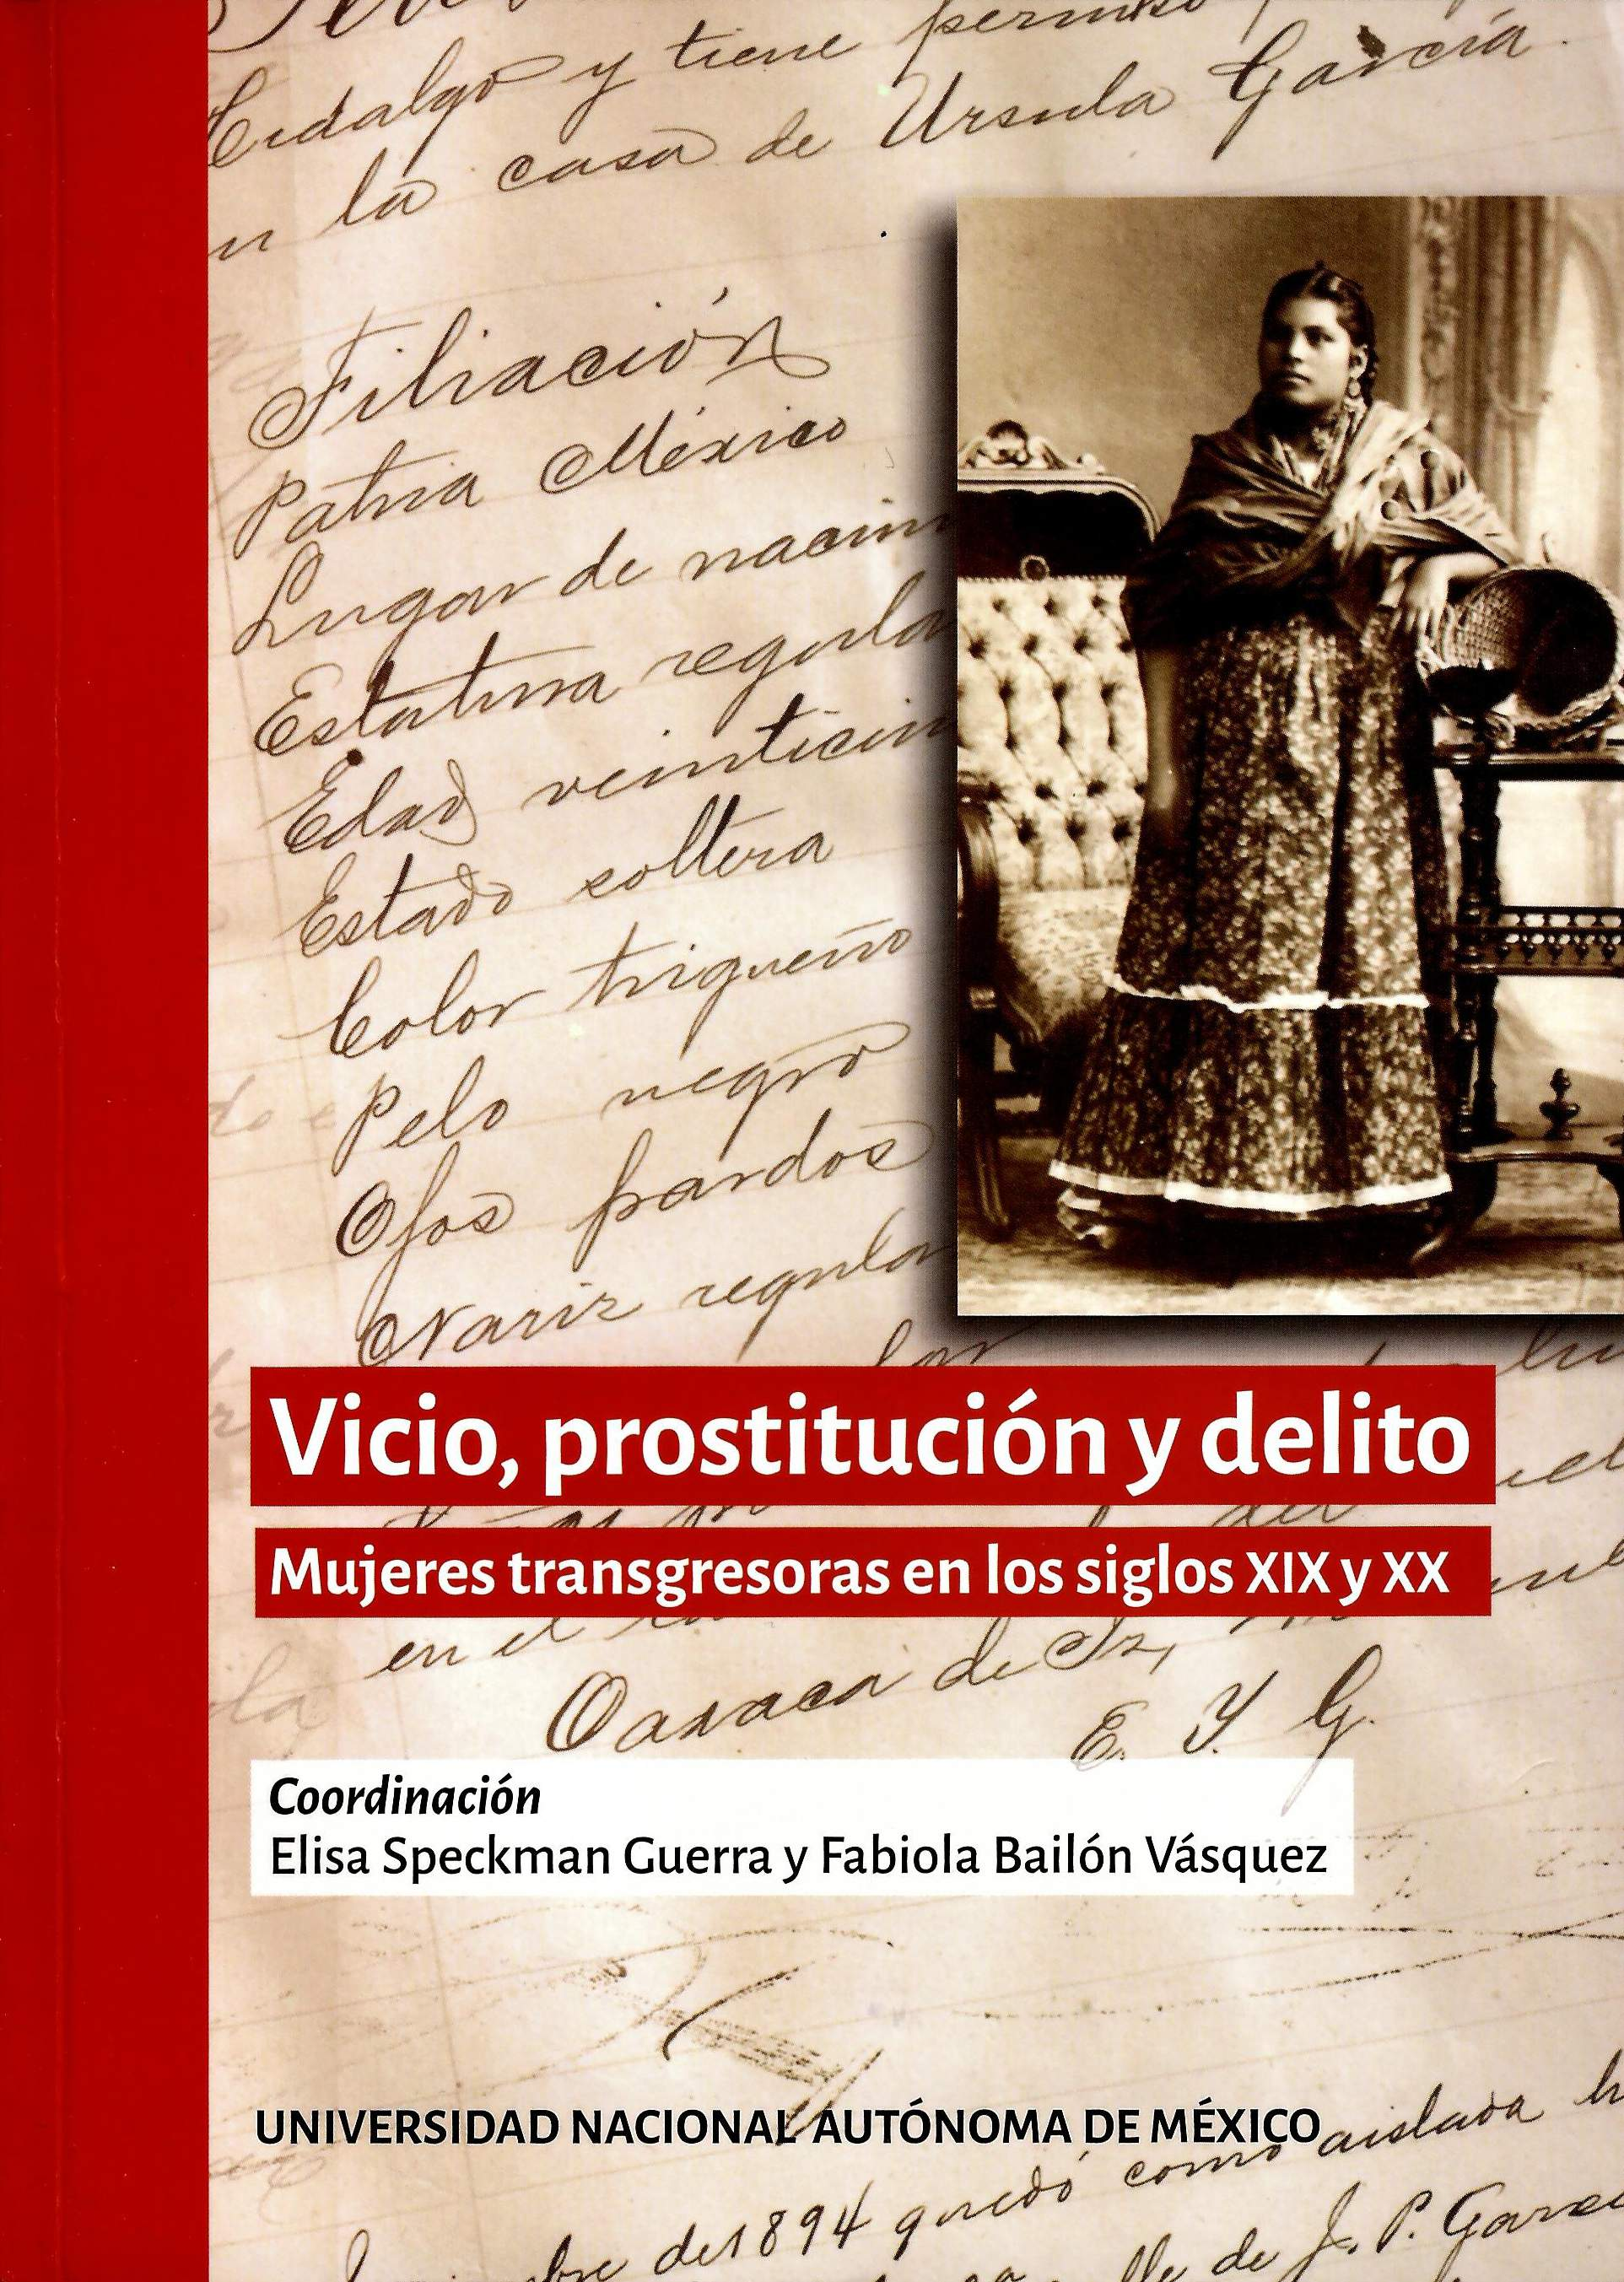 Vicio, prostitución y delito: mujeres transgresoras en los siglos XIX y XX